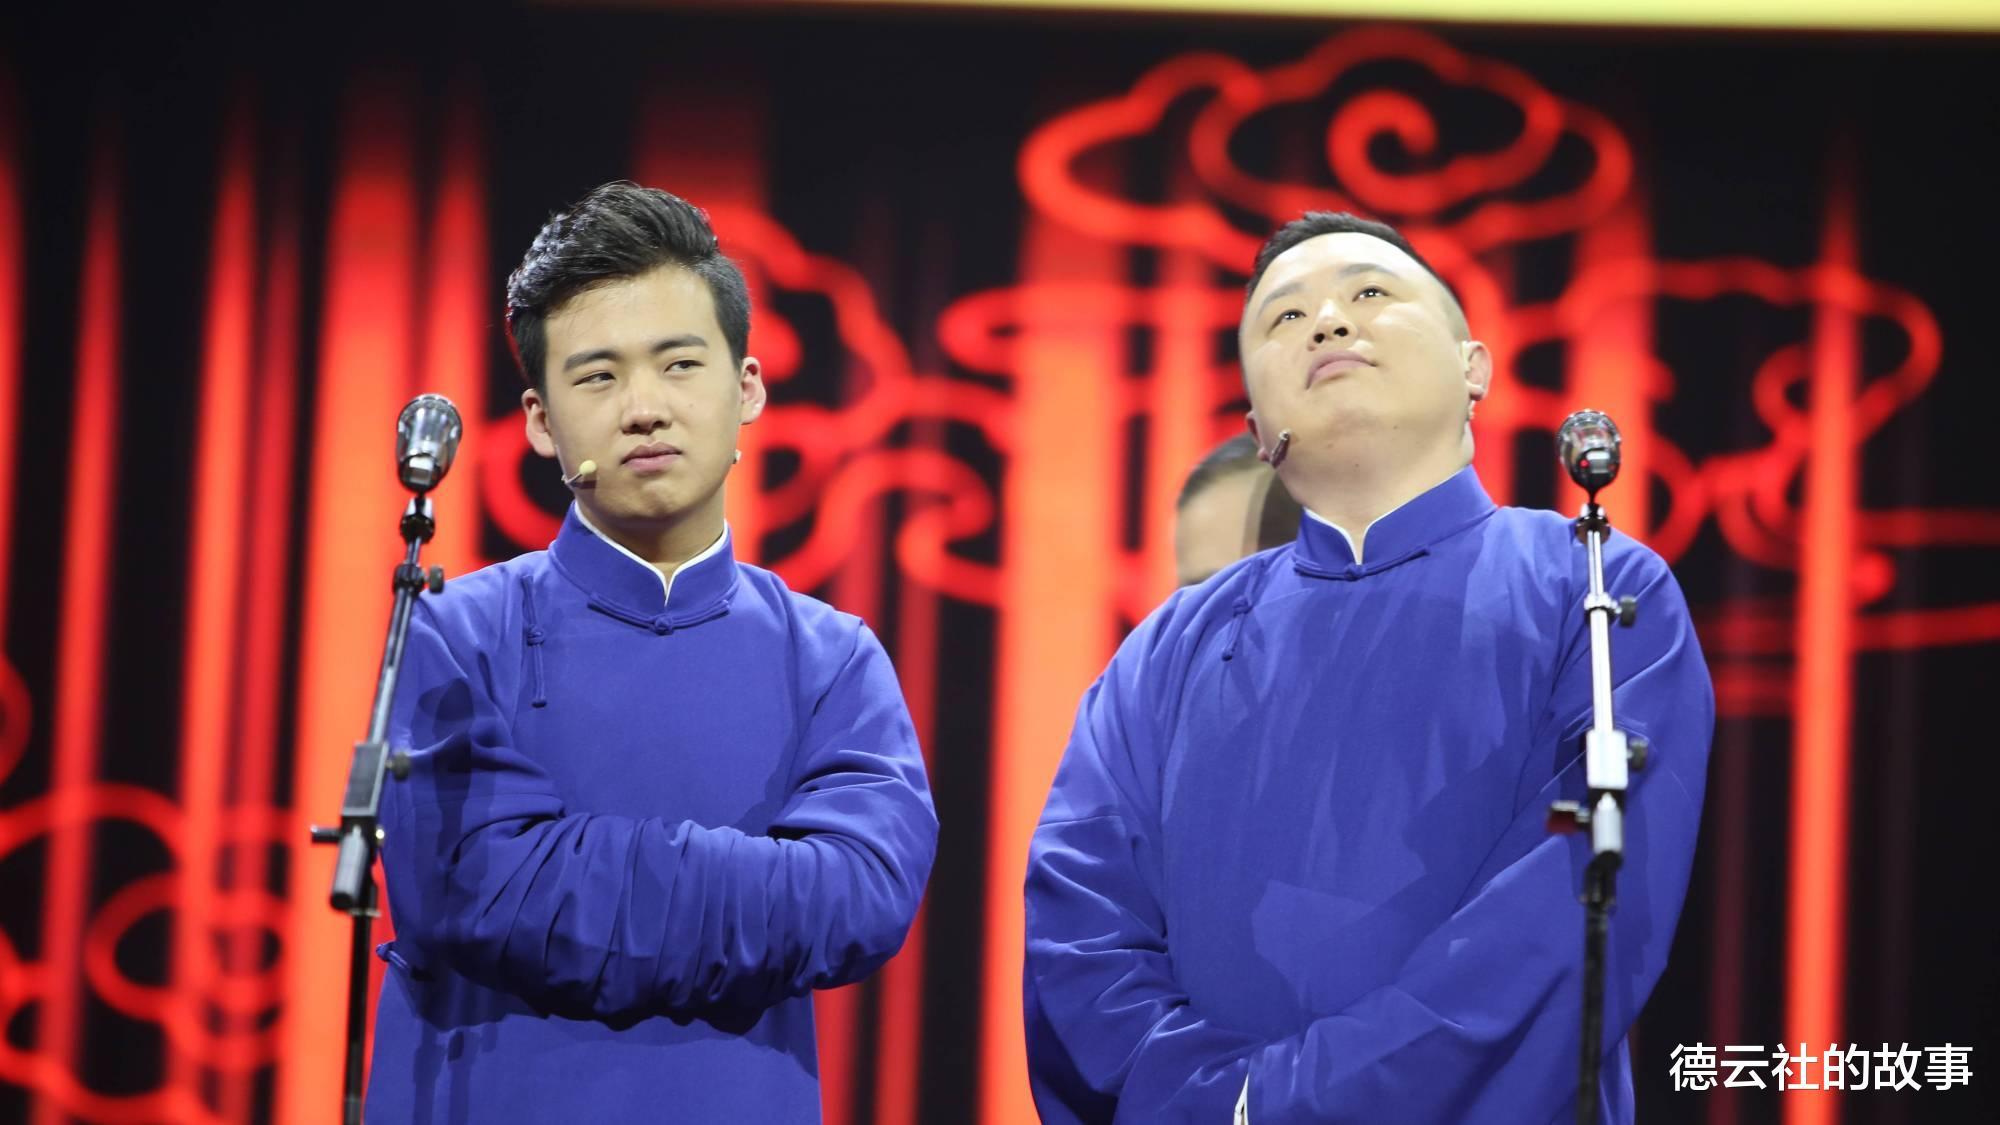 德云社阎鹤祥获《吐槽大会》亚军,这次怎么没人吐槽有黑幕了呢?